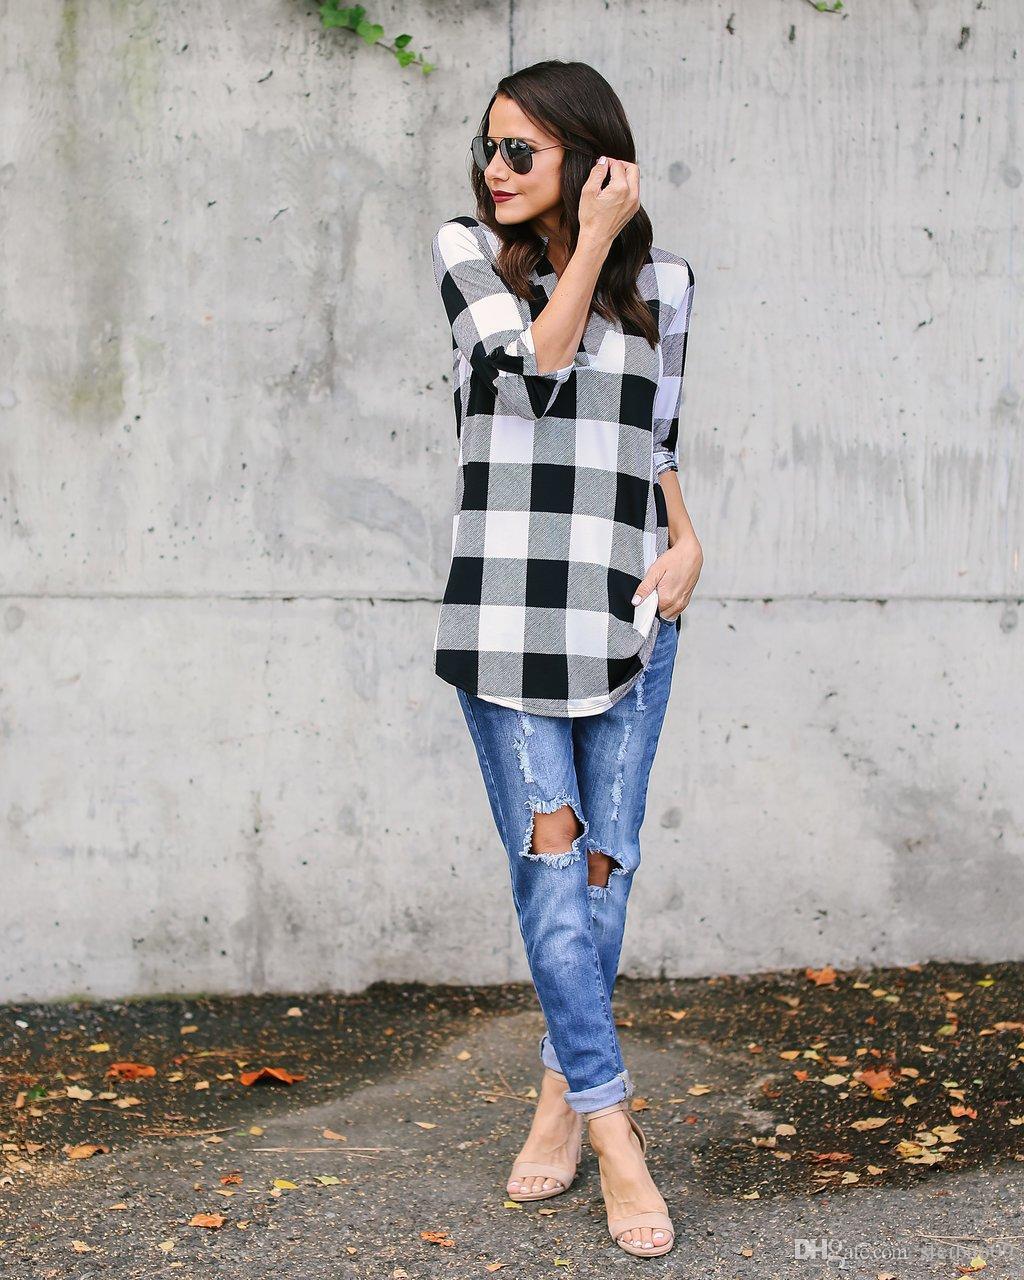 Frauen Plaid Shirts Plus Größe S-5XL Beiläufige Bluse V-Ausschnitt Falten Plissee Lose Einreiher Europäischen Halben Hülse Mode Tops